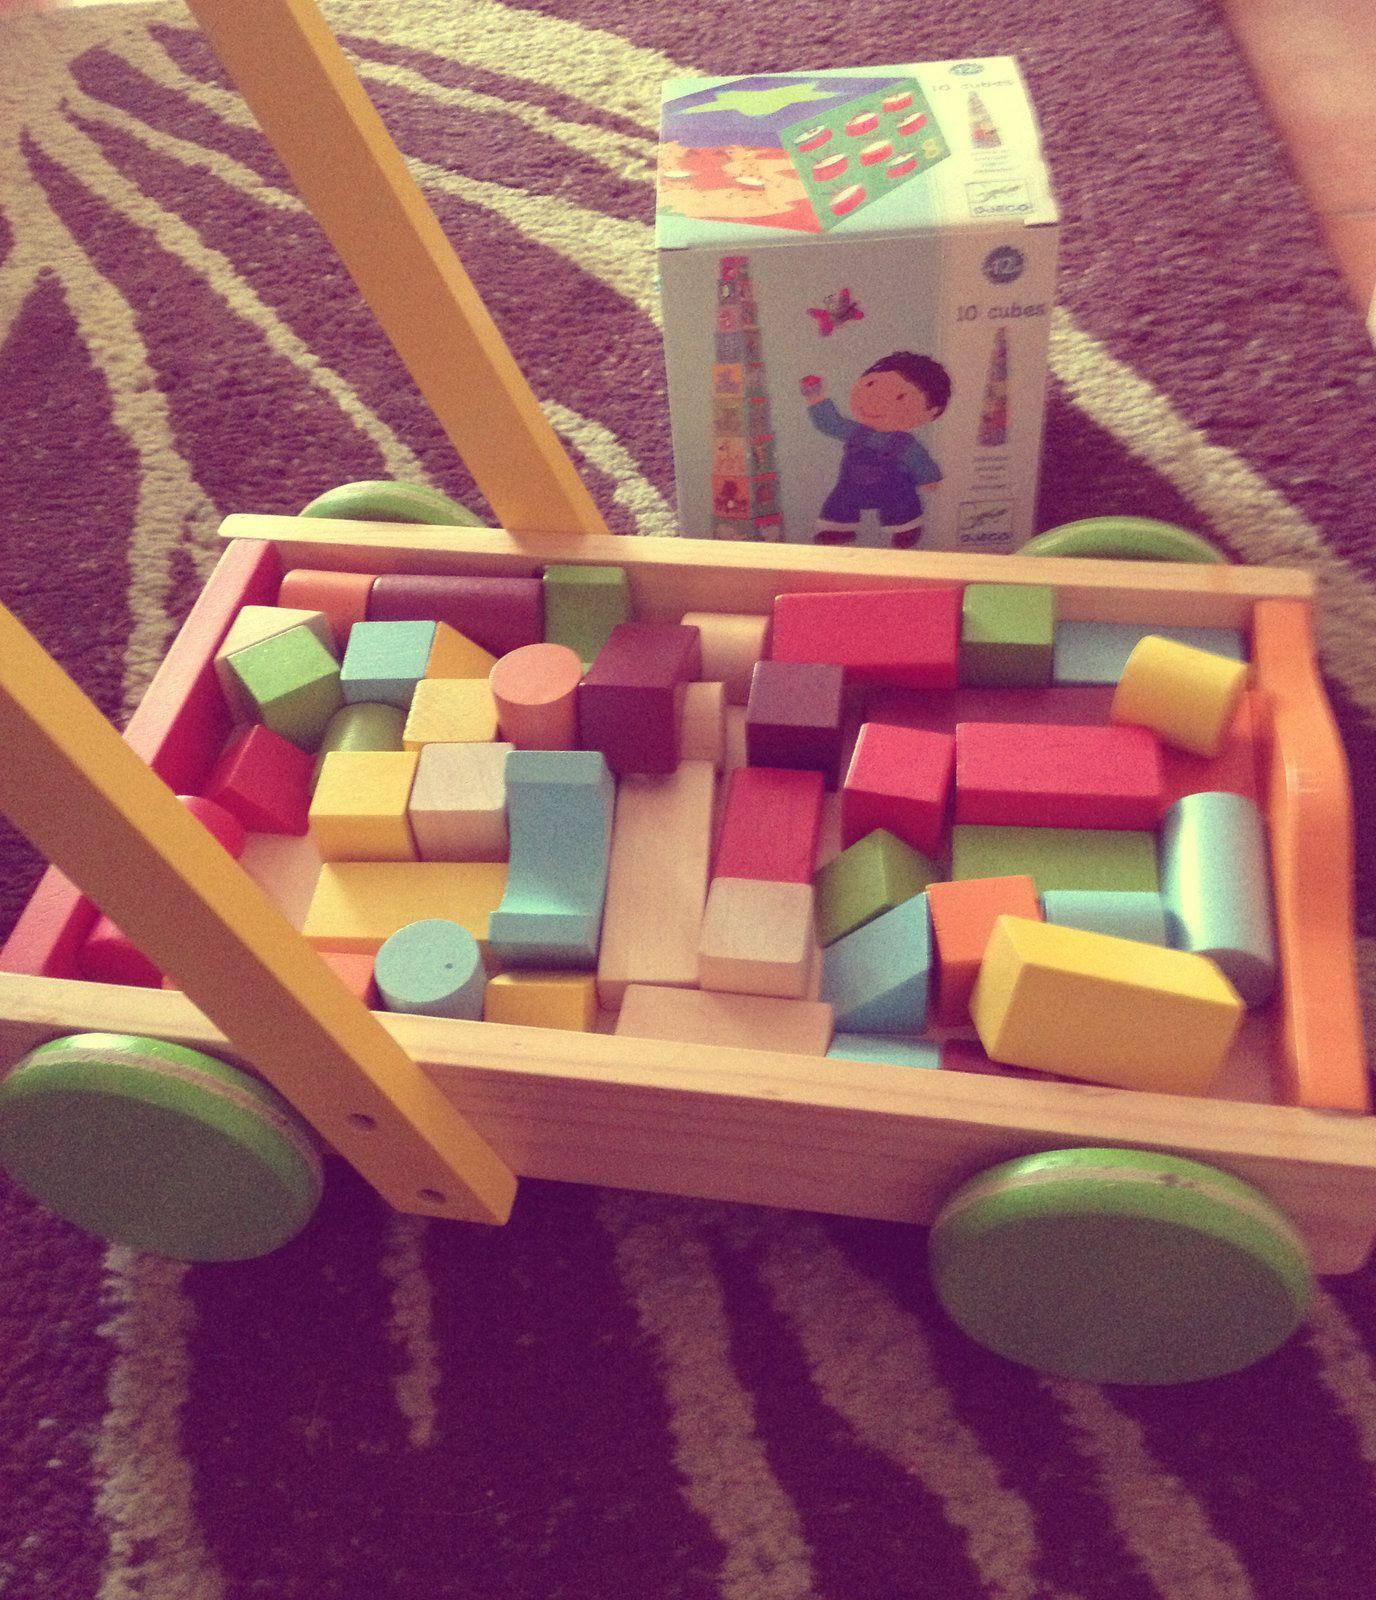 Mes jouets : le top 3 de Bébé Chameau (15-18 mois)